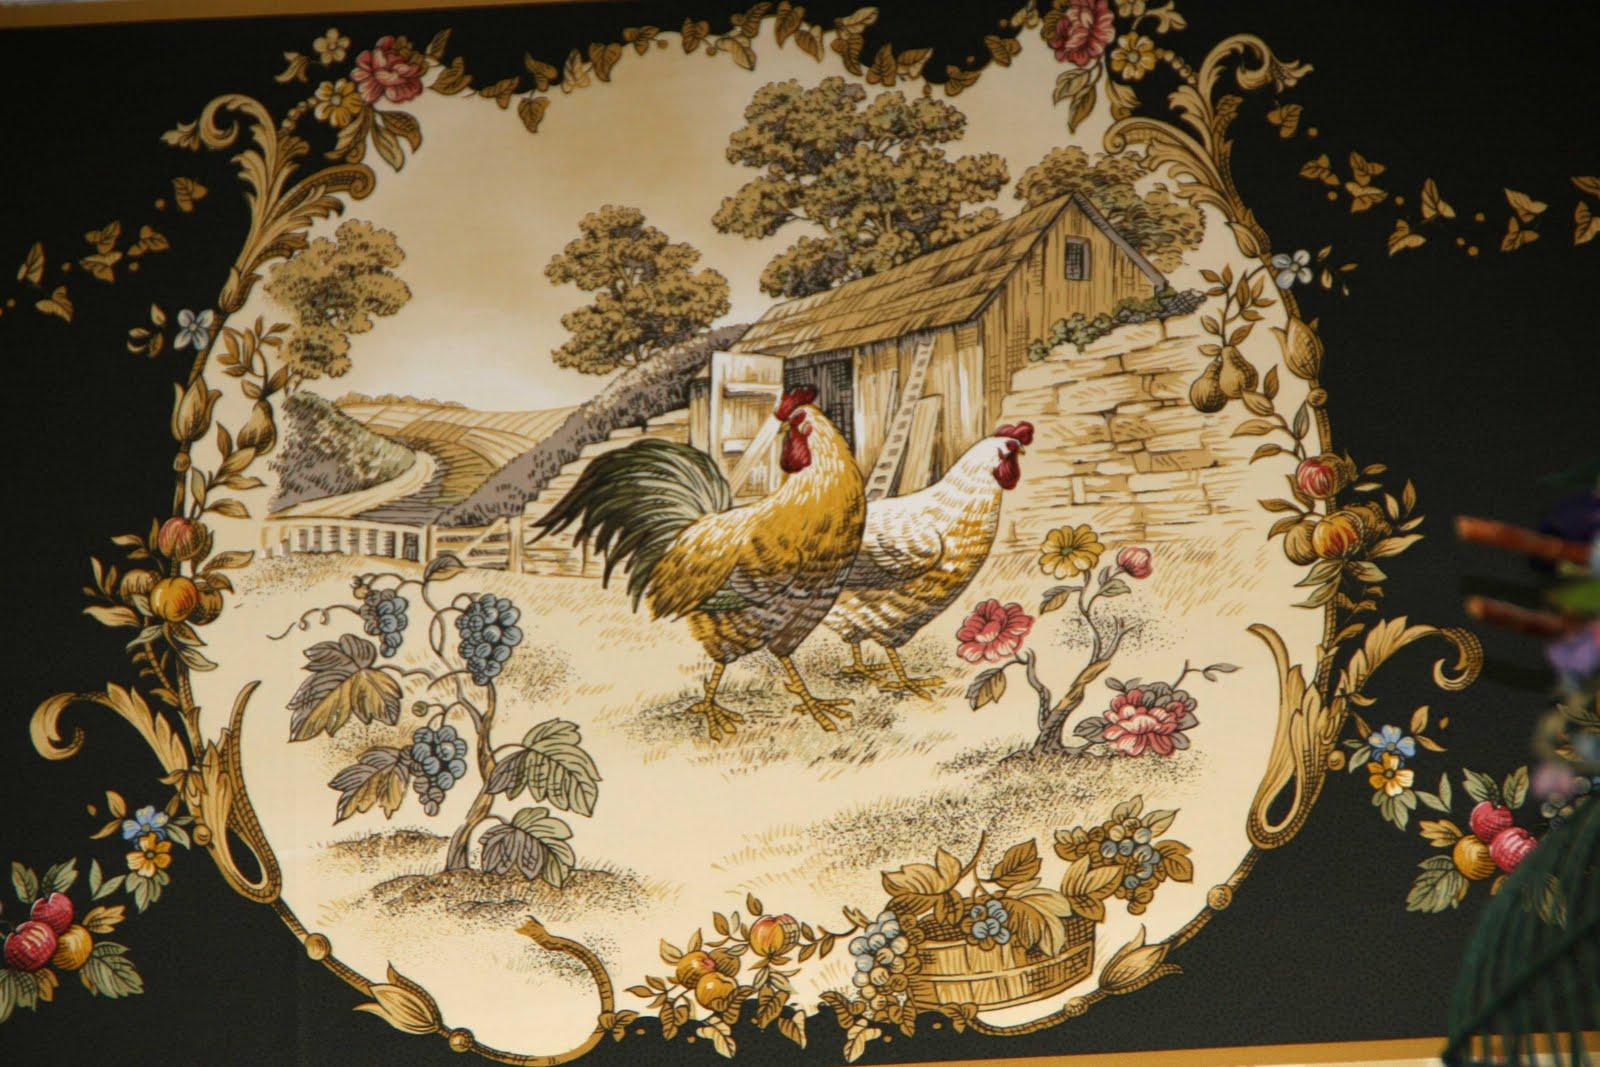 Chicken Wallpaper Border